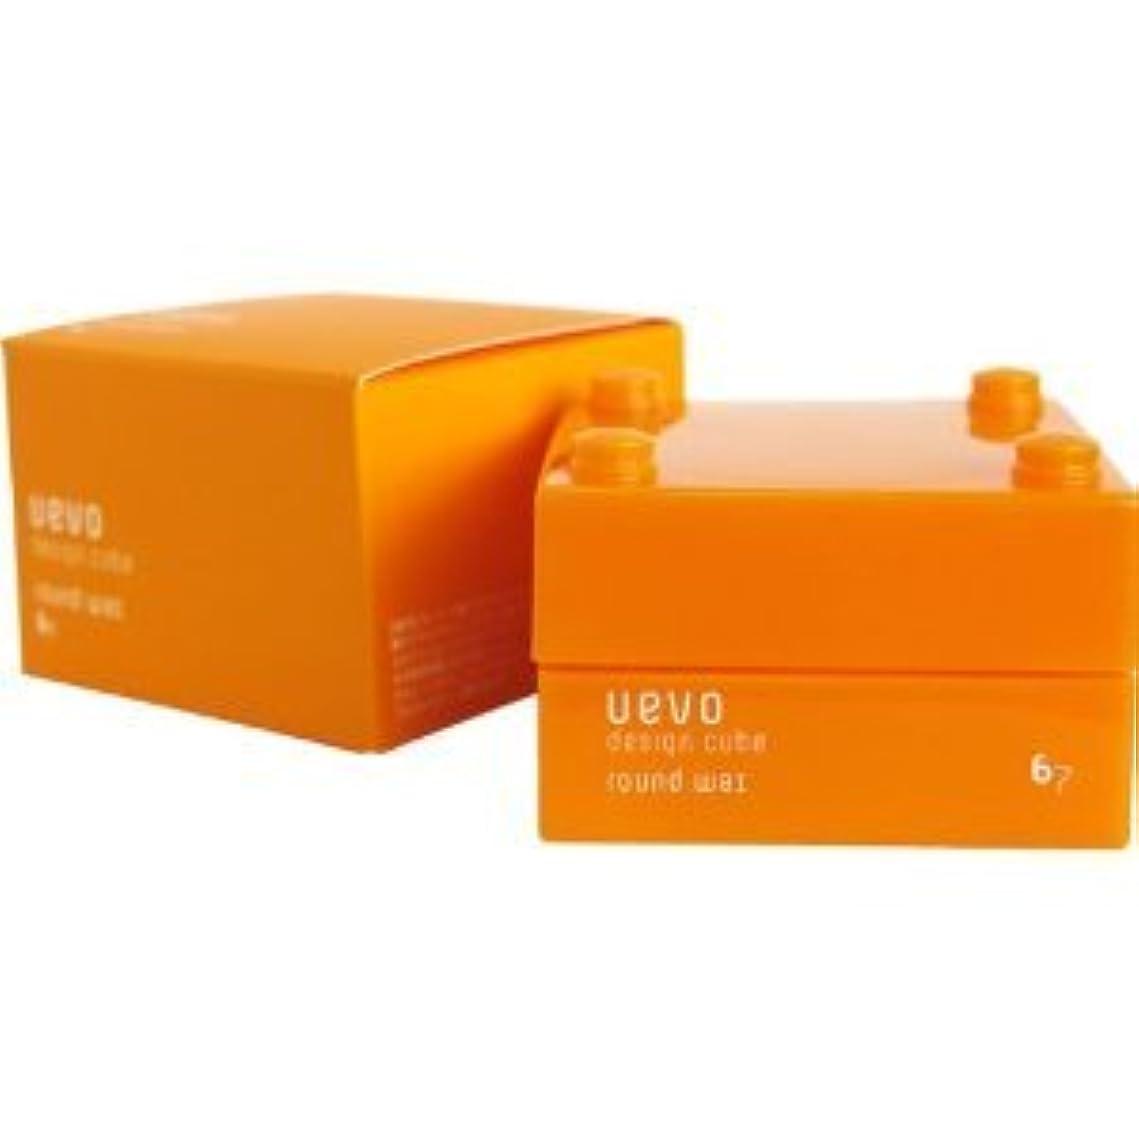 暫定の再現するタイマー【X3個セット】 デミ ウェーボ デザインキューブ ラウンドワックス 30g round wax DEMI uevo design cube